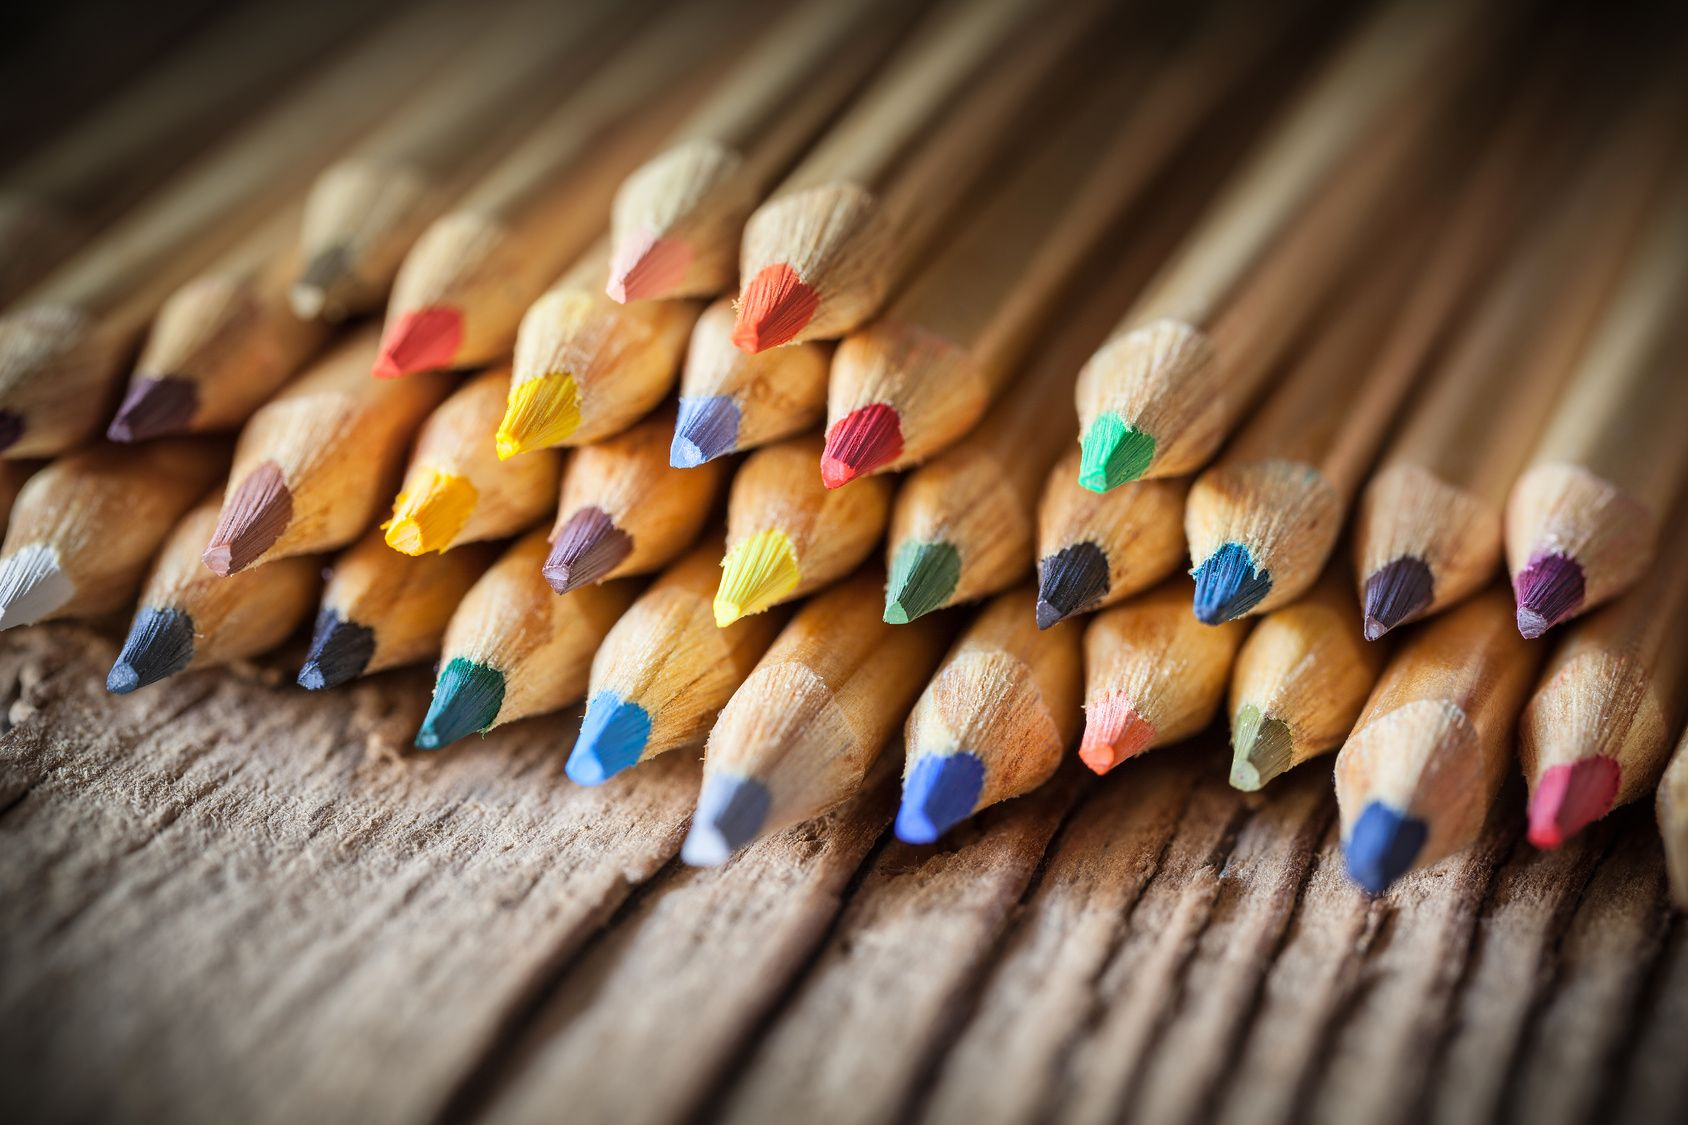 Aikuisten värityskirjat ovat uusi hitti - Katso Instagram-kuvakooste